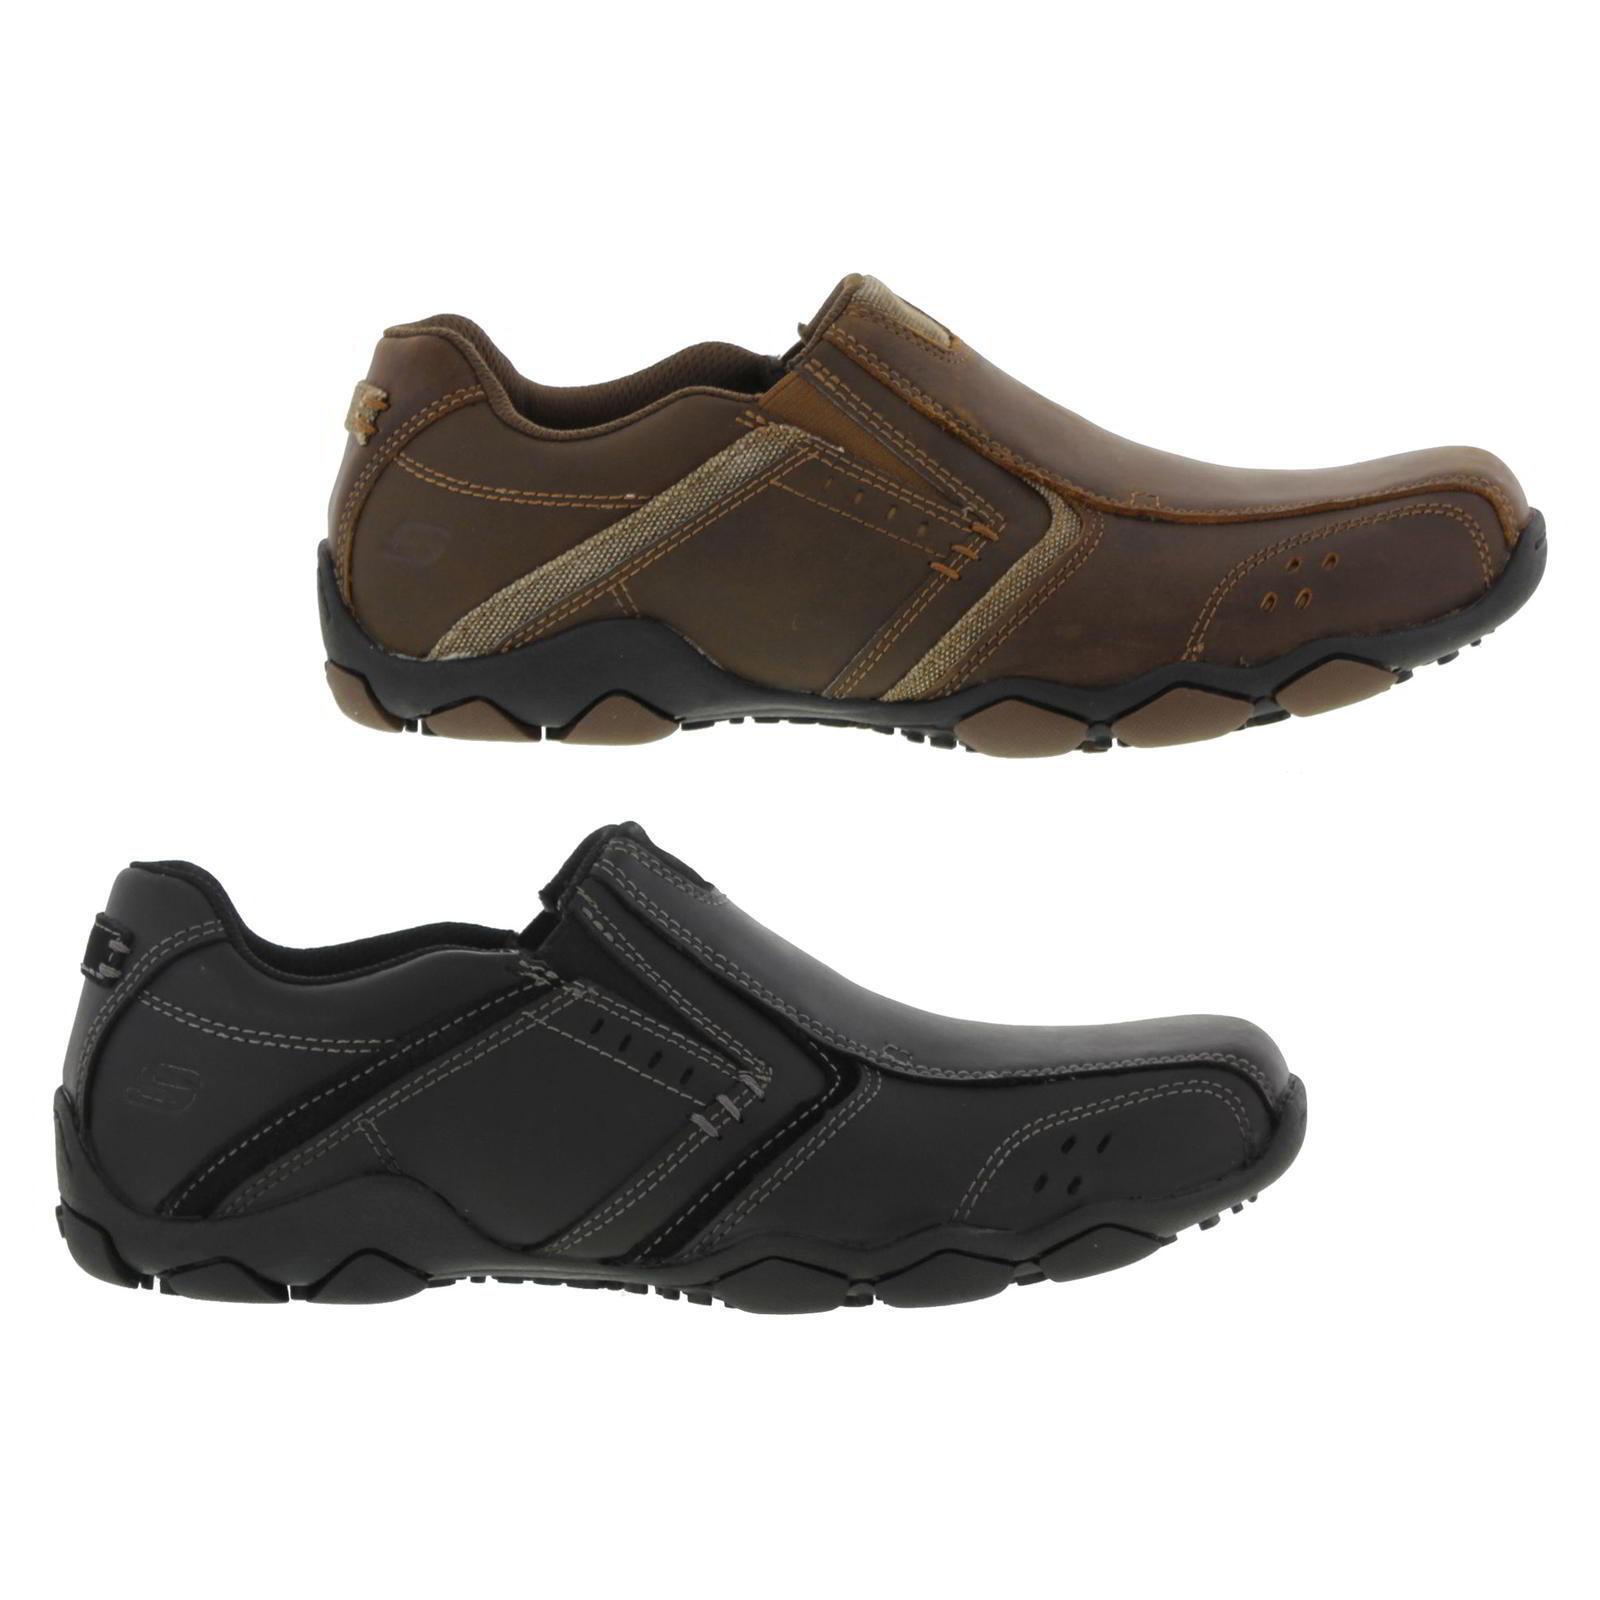 Skechers Diameter Valen para hombres Cuero Memory Foam Resbalón en Zapatos Talla Uk 8-12